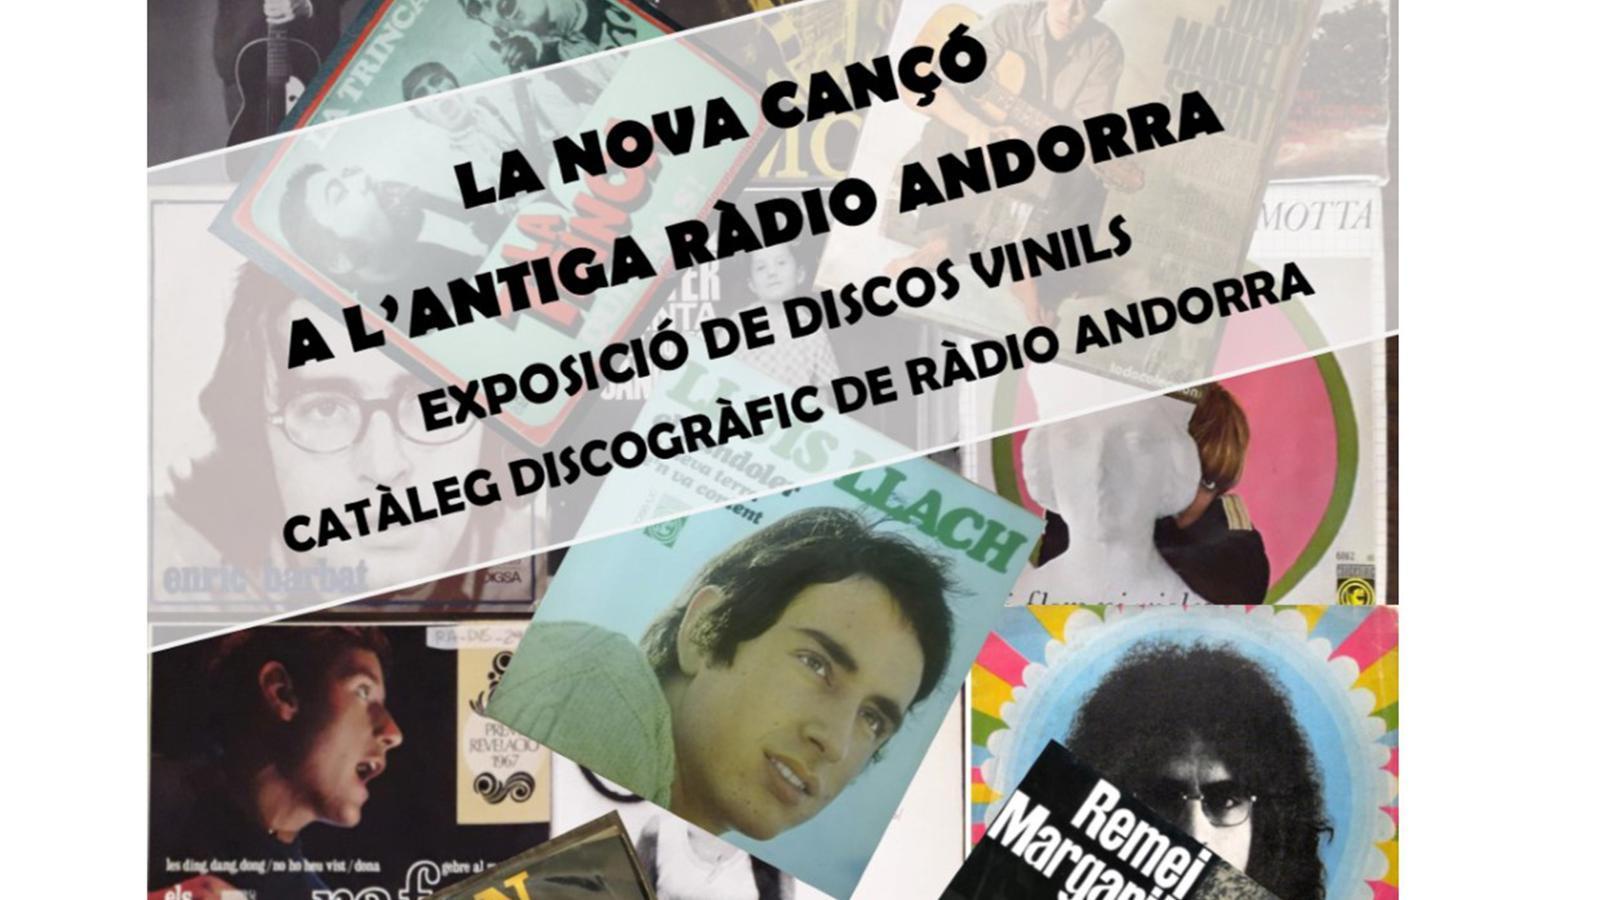 Cartell sobre l'exposició 'La Nova Cançó a través dels discos de la col·lecció de l'antiga Ràdio Andorra'. / GOVERN D'ANDORRA